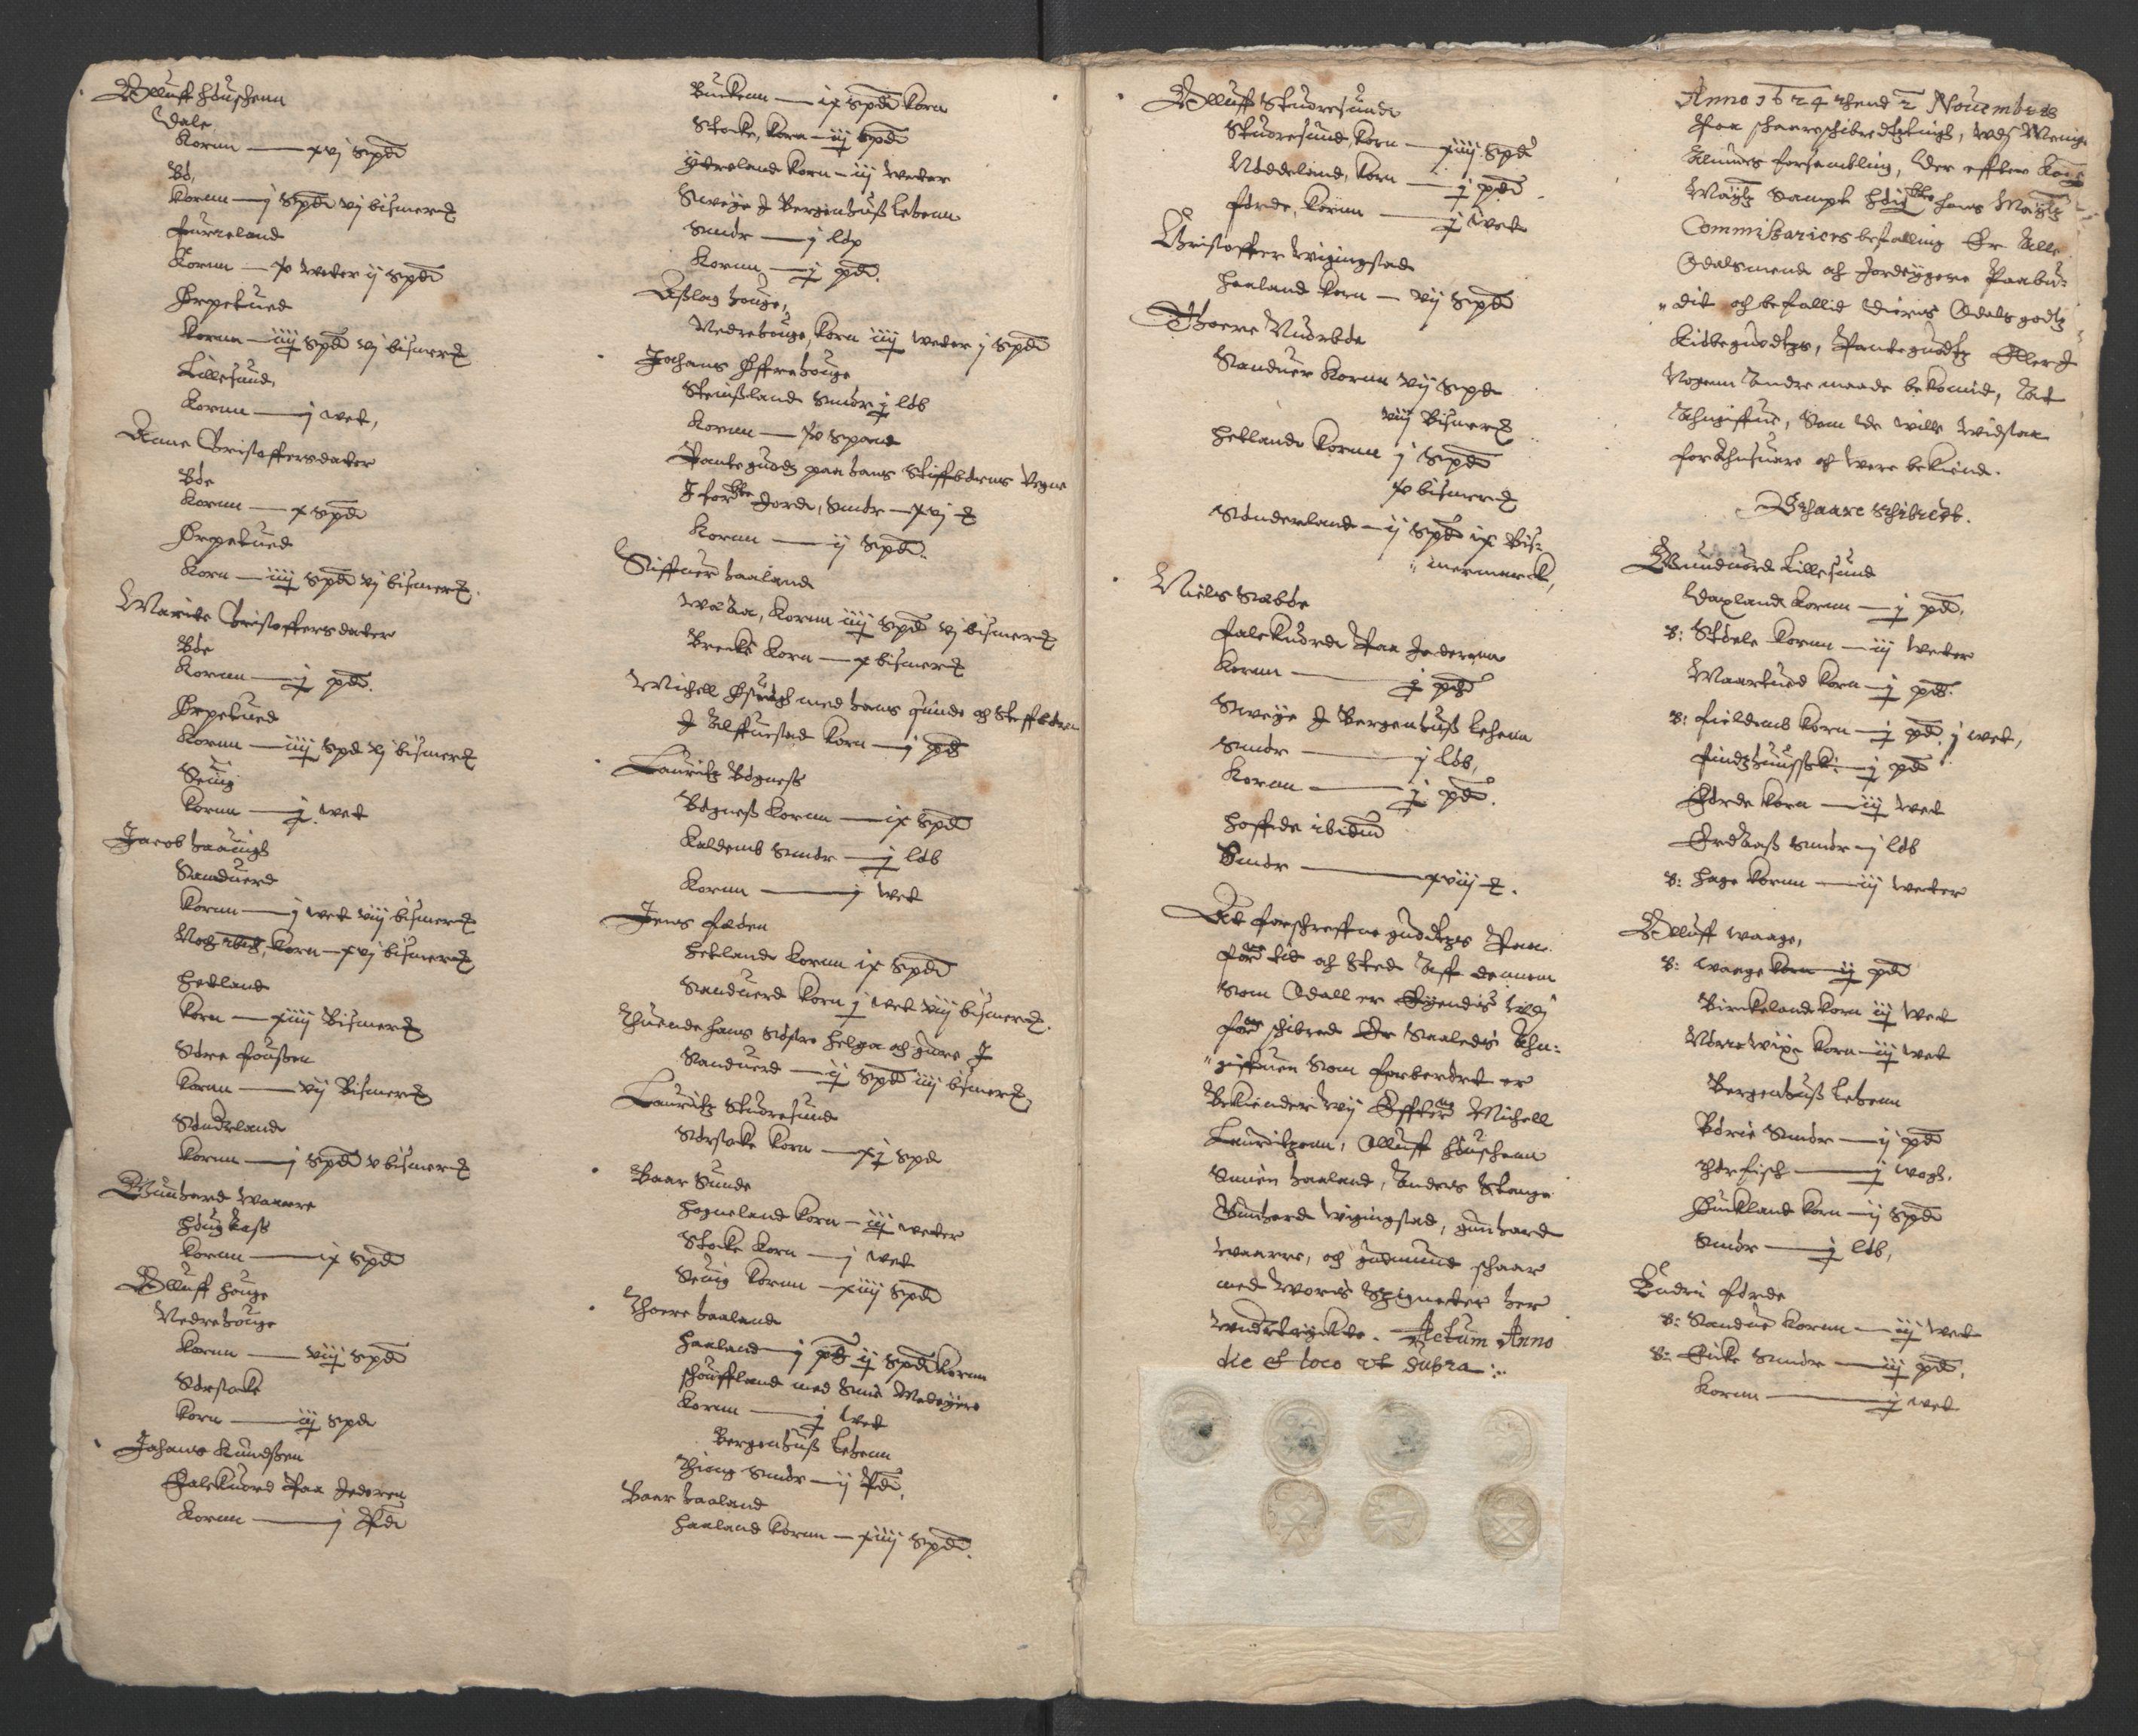 RA, Stattholderembetet 1572-1771, Ek/L0010: Jordebøker til utlikning av rosstjeneste 1624-1626:, 1624-1626, s. 7